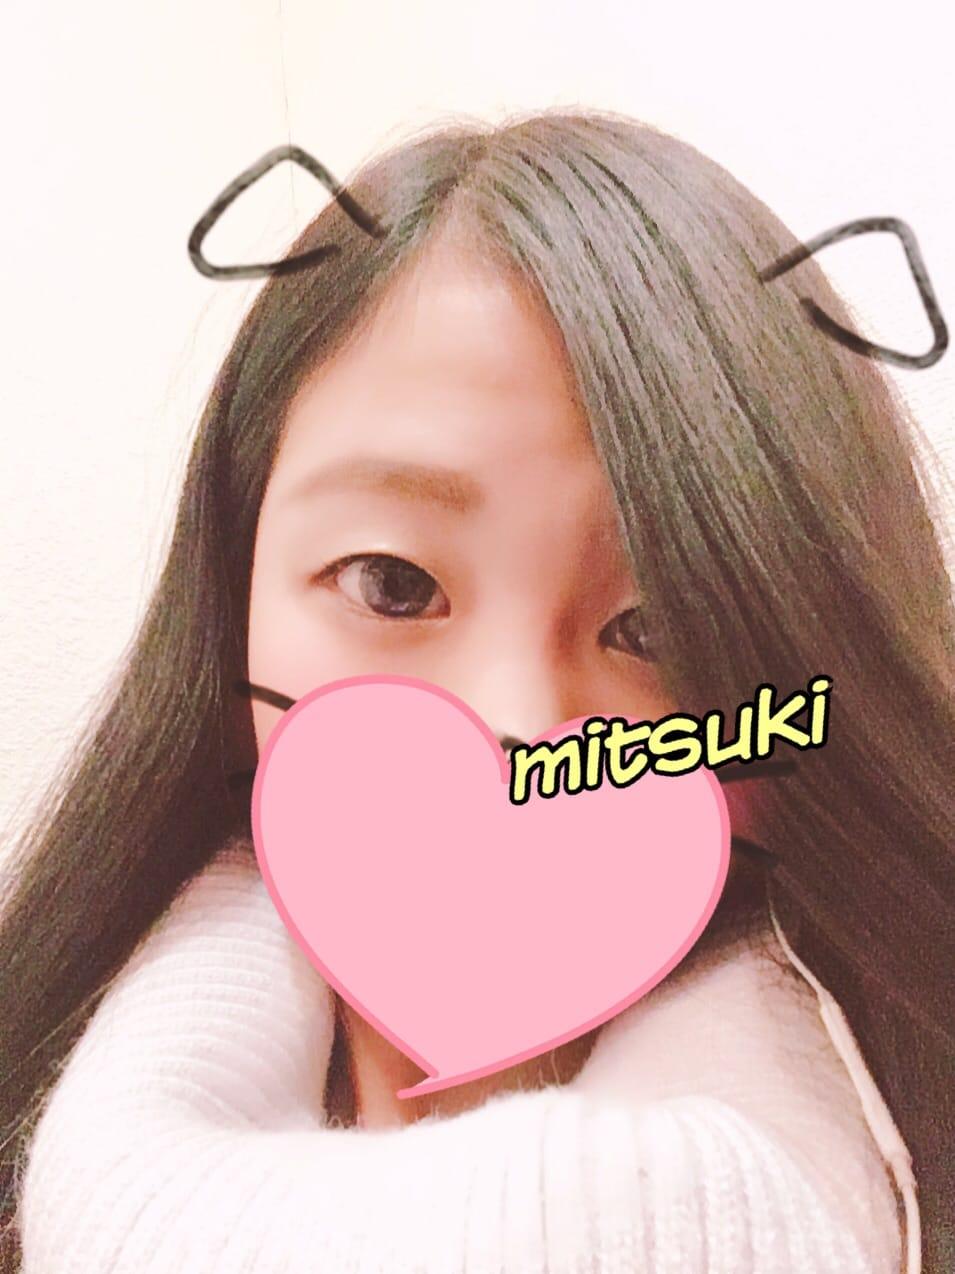 「お礼!」03/19(03/19) 00:49 | 美月/みつきの写メ・風俗動画